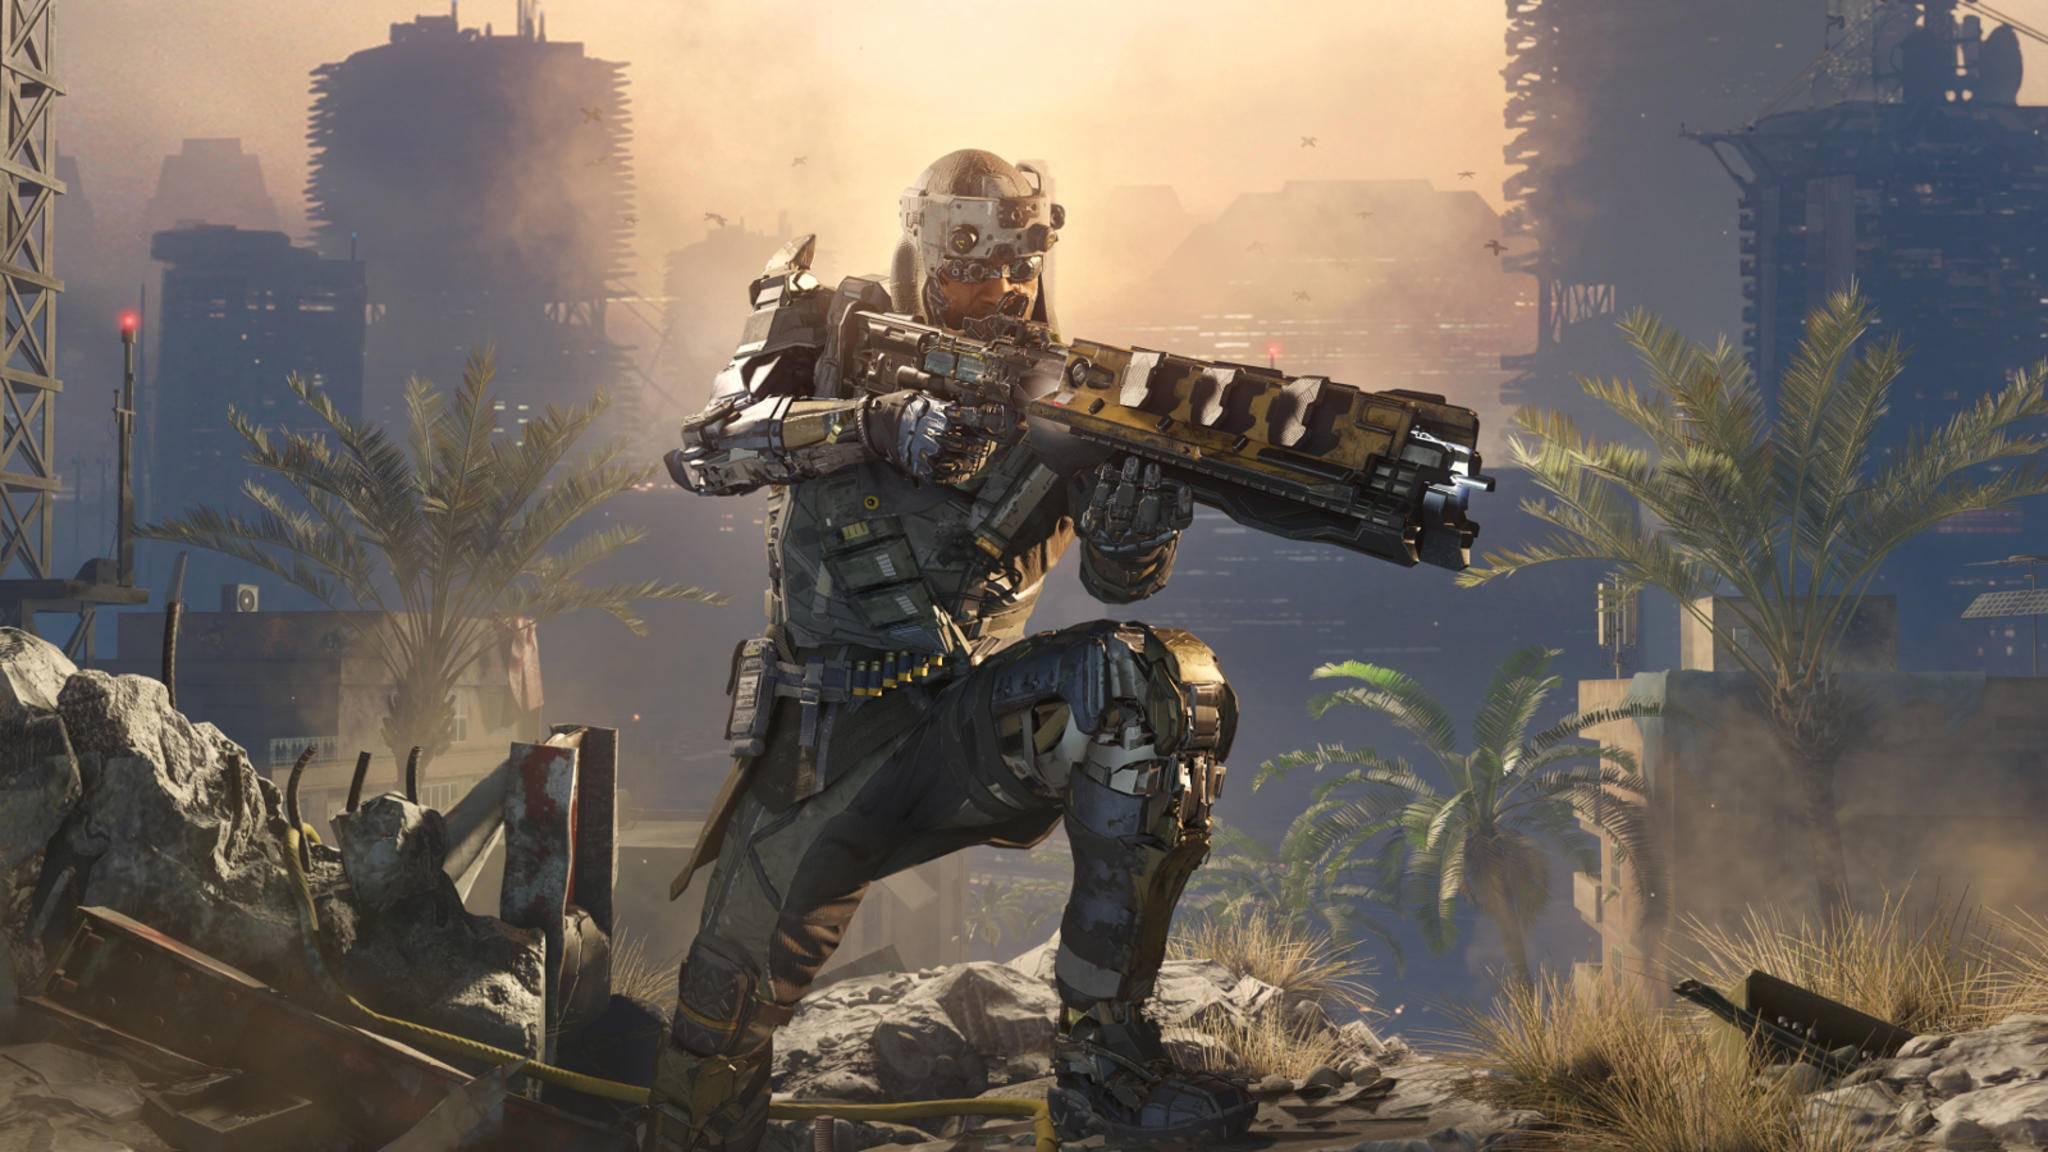 """Das Artwork für """"Call of Duty: Black Ops 4"""" ist nicht ganz so futuristisch wie das von """"Black Ops 3"""", aber dicht dran."""